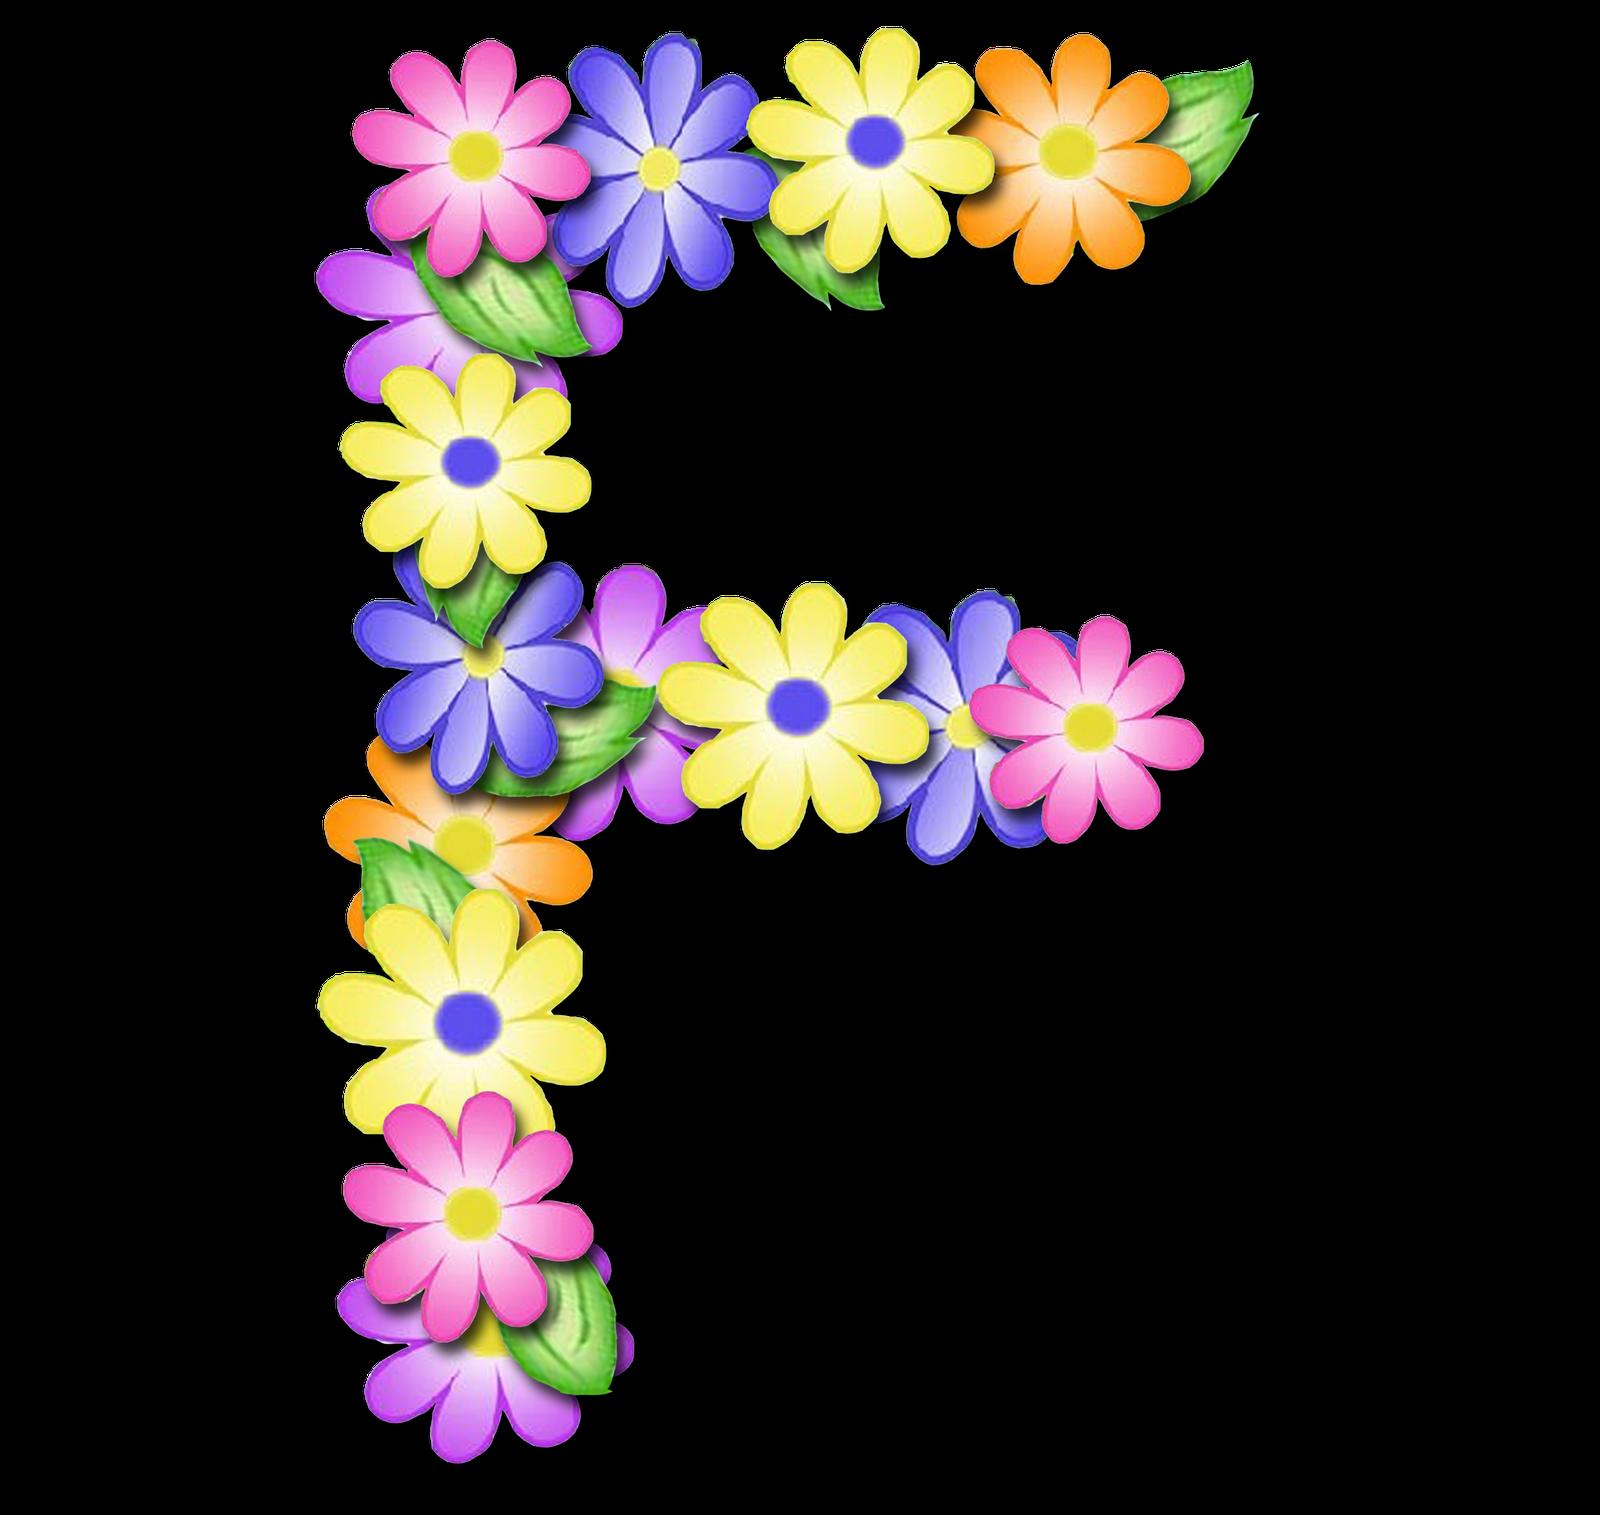 صور الحروف الإنجليزية بأجمل الزهور والورود بخلفية شفافة بنج png وجودة عالية للمصممين :: إبحث عن حروف إسمك بالإنجليزية F